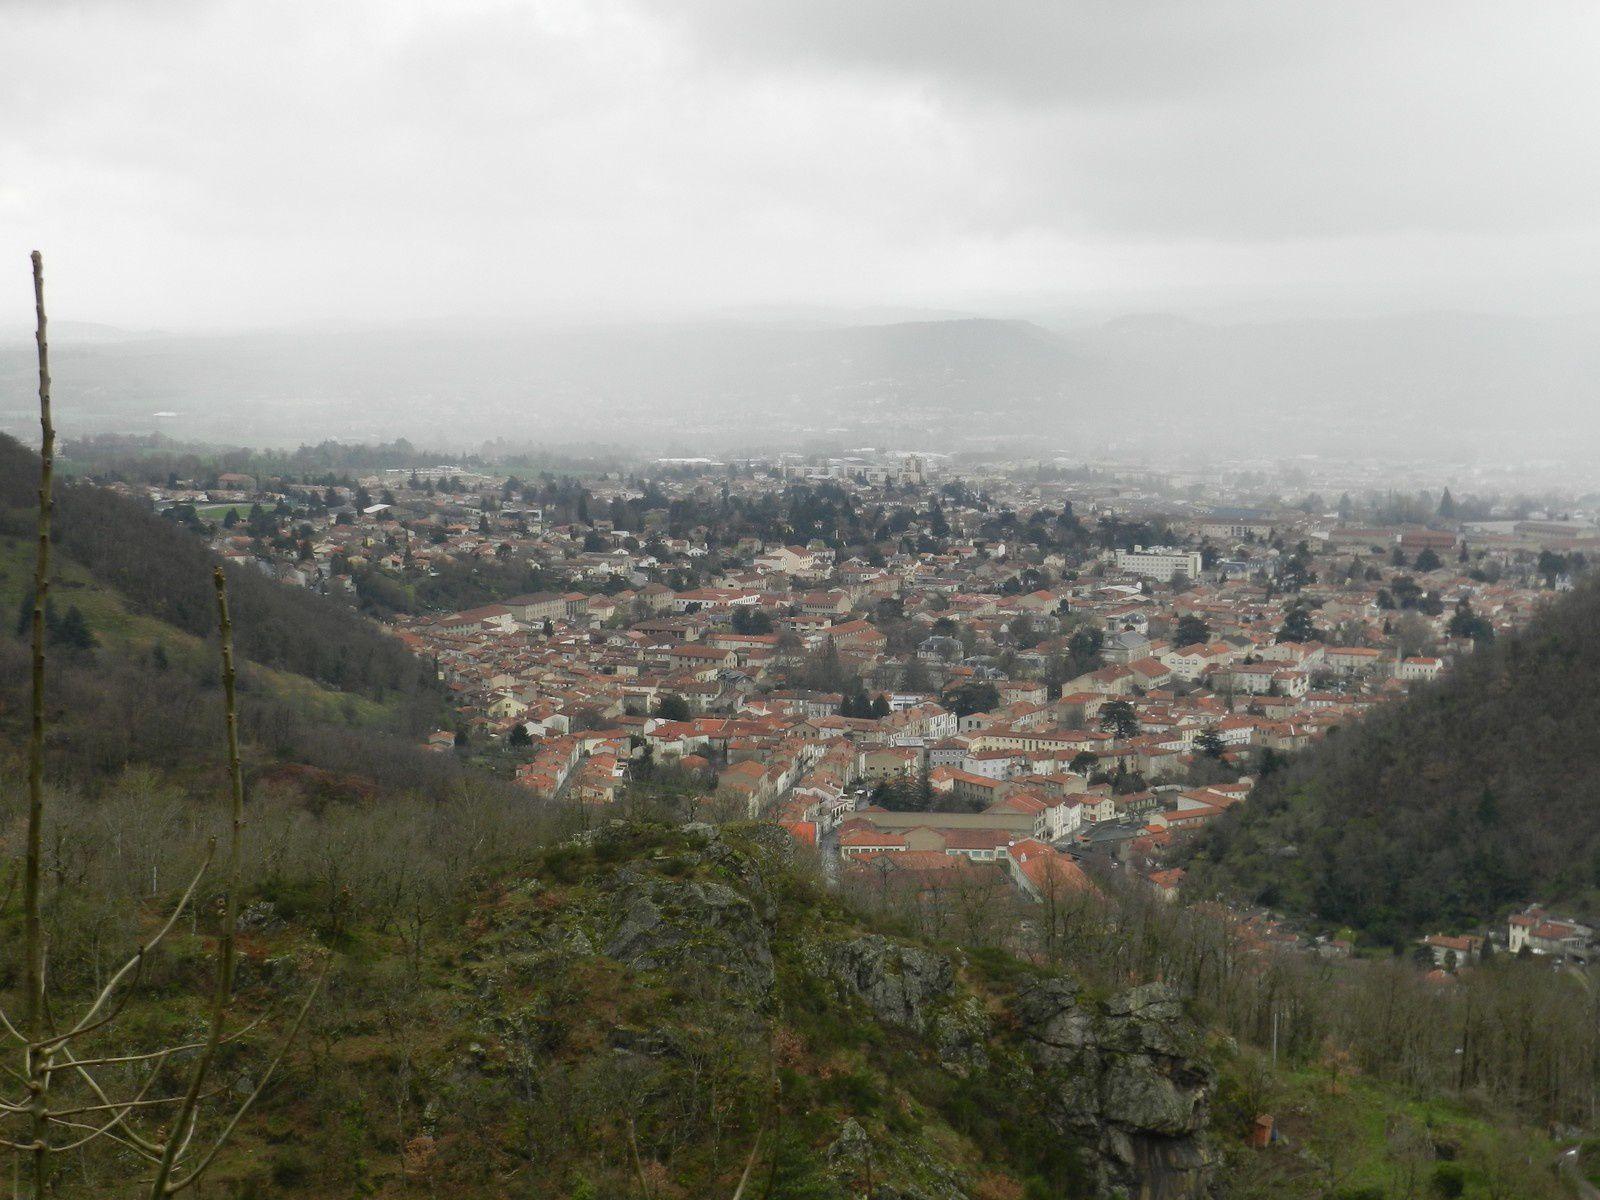 Nous voici au dessus de notrte destination à Haupoul dans son chateau, un bon repas à l'abri de la pluie et nous rentrons directement en écourtant le circuit car nous sommes humides....